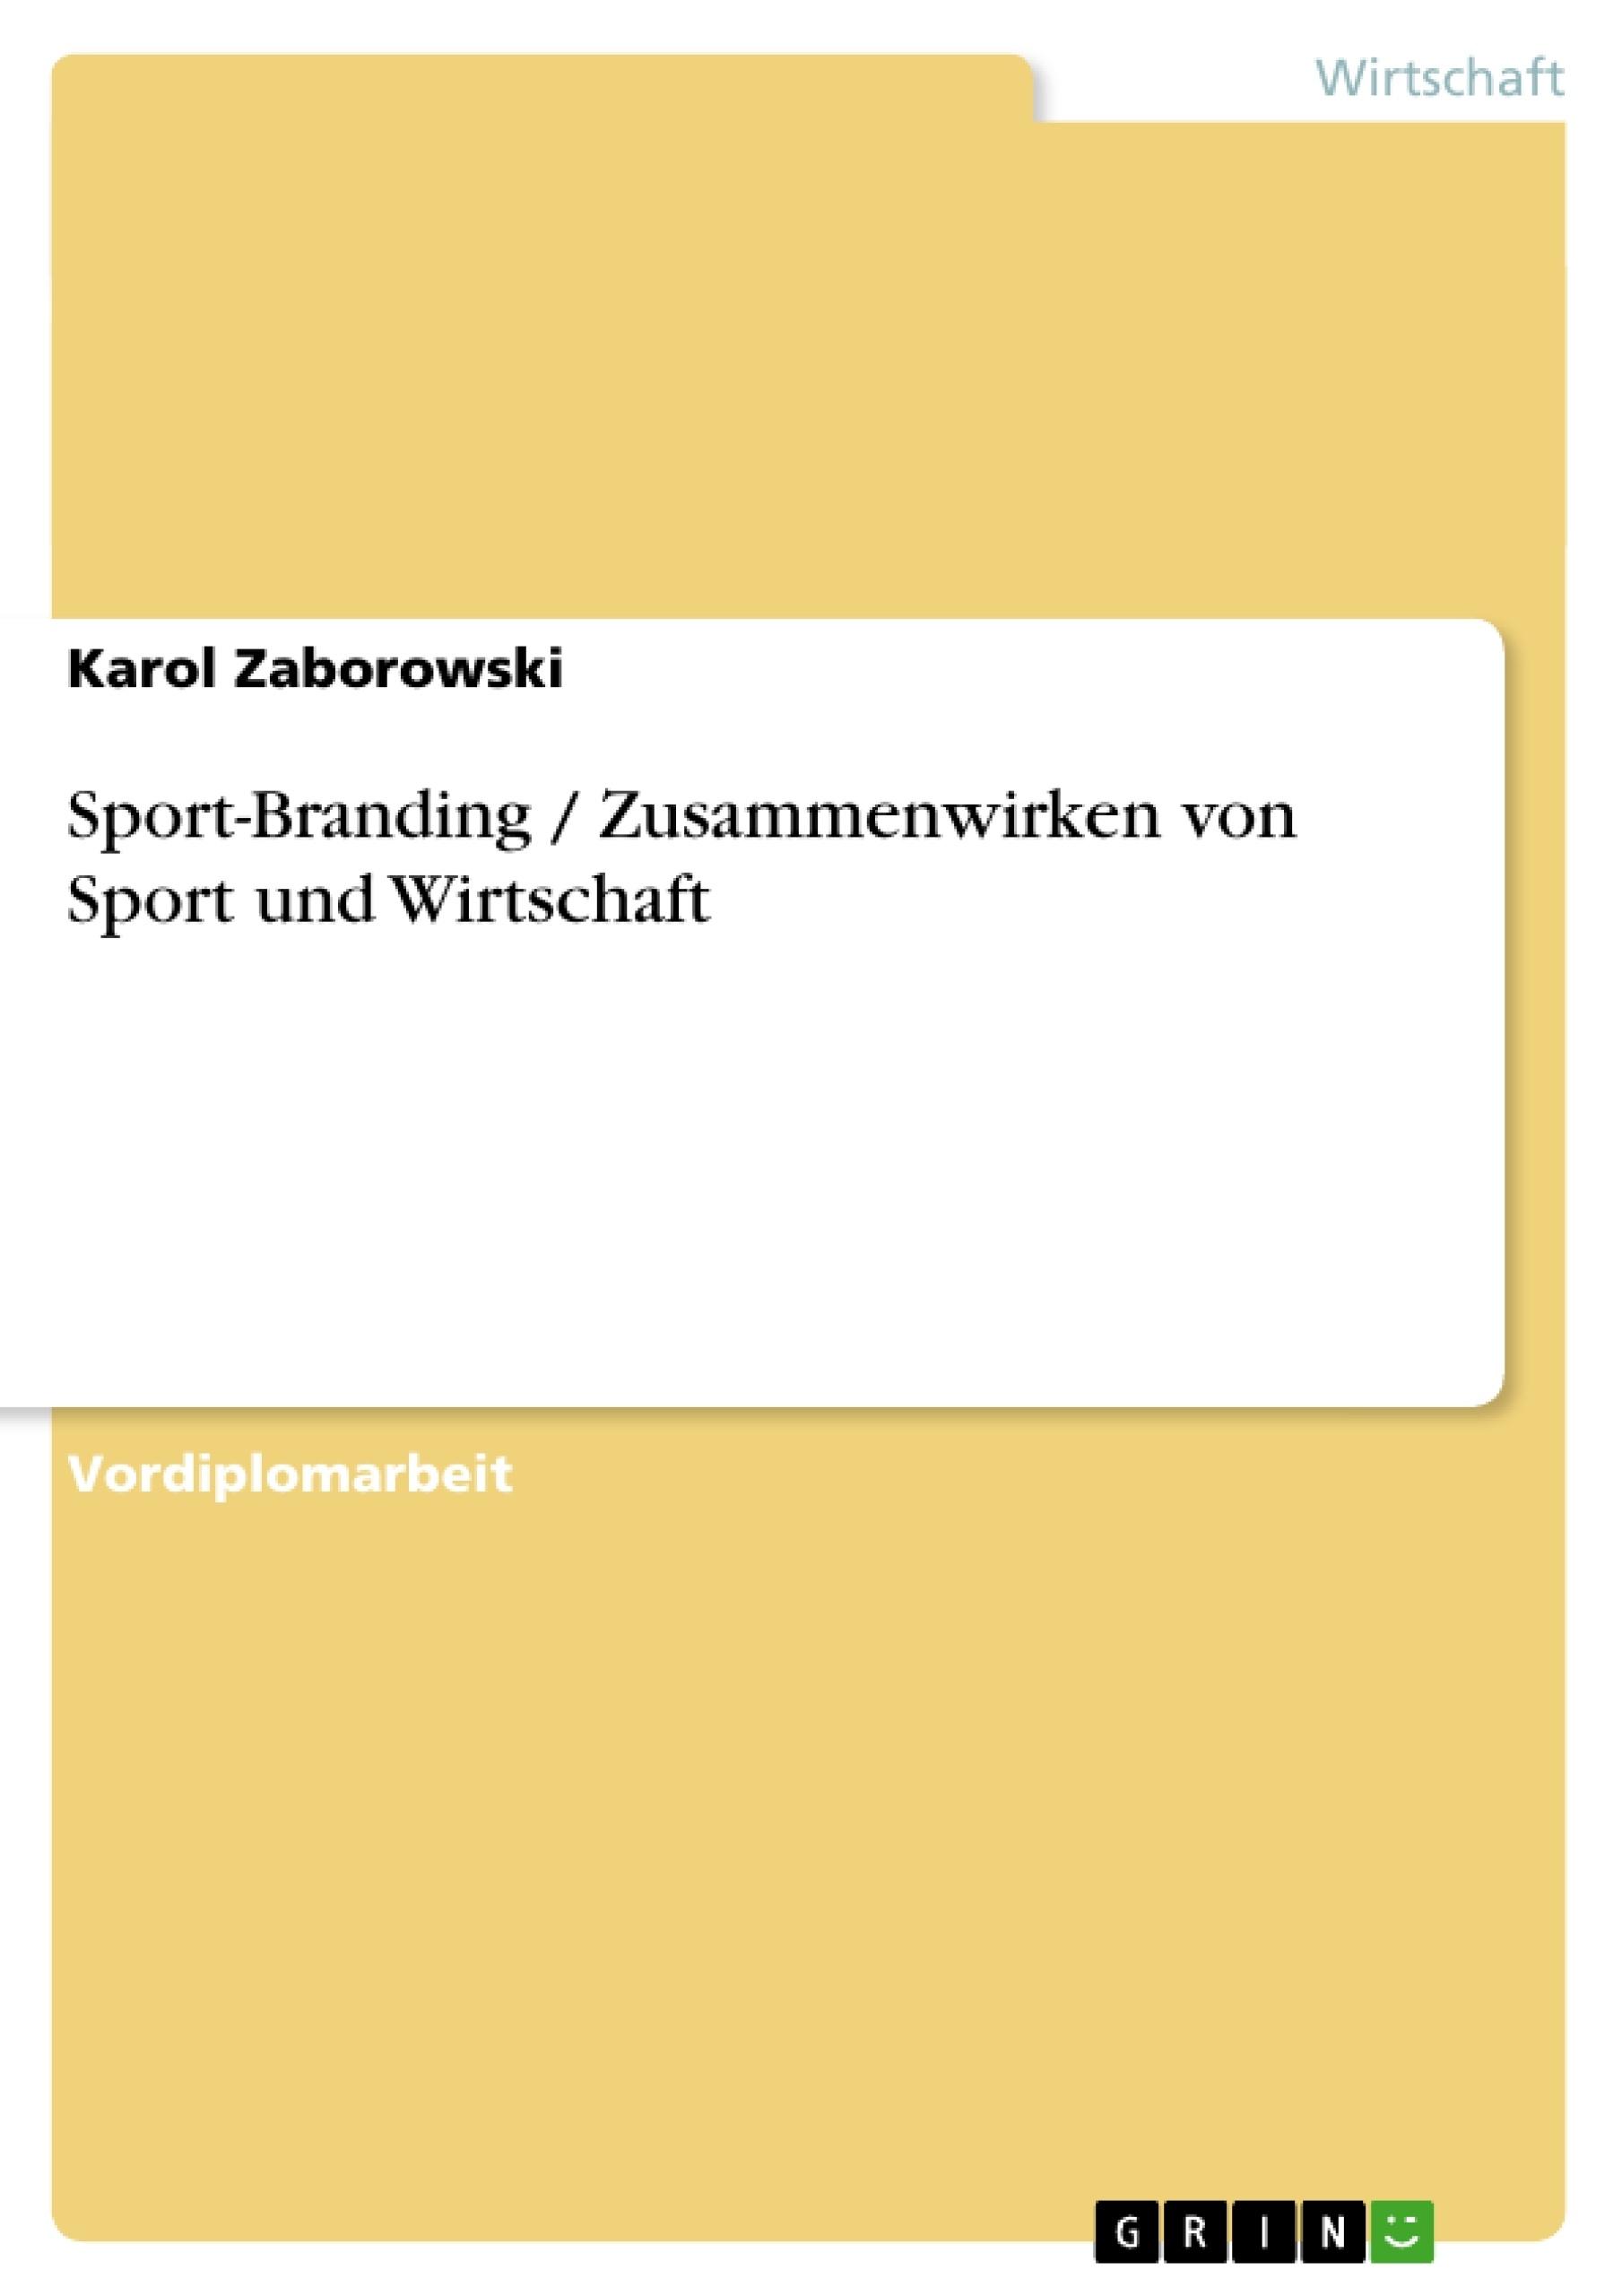 Titel: Sport-Branding / Zusammenwirken von Sport und Wirtschaft